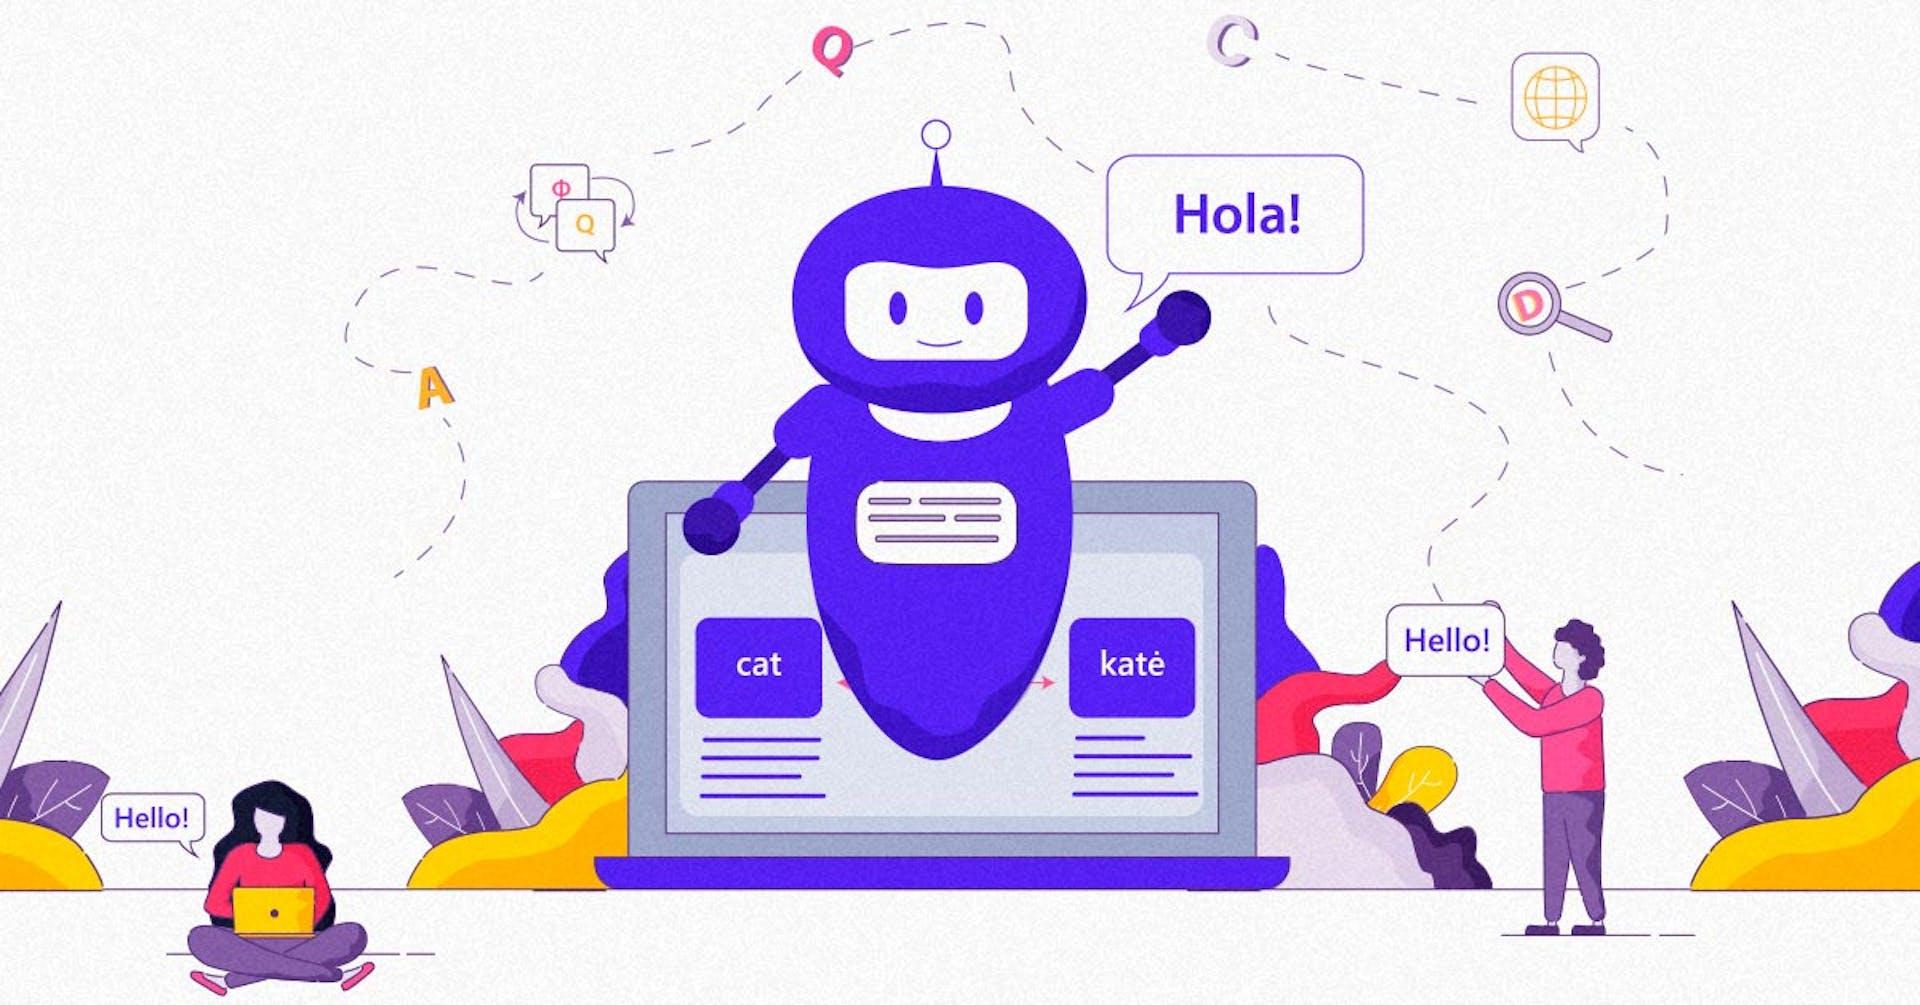 ¿Cómo crear un chatbot para tu página de Facebook?